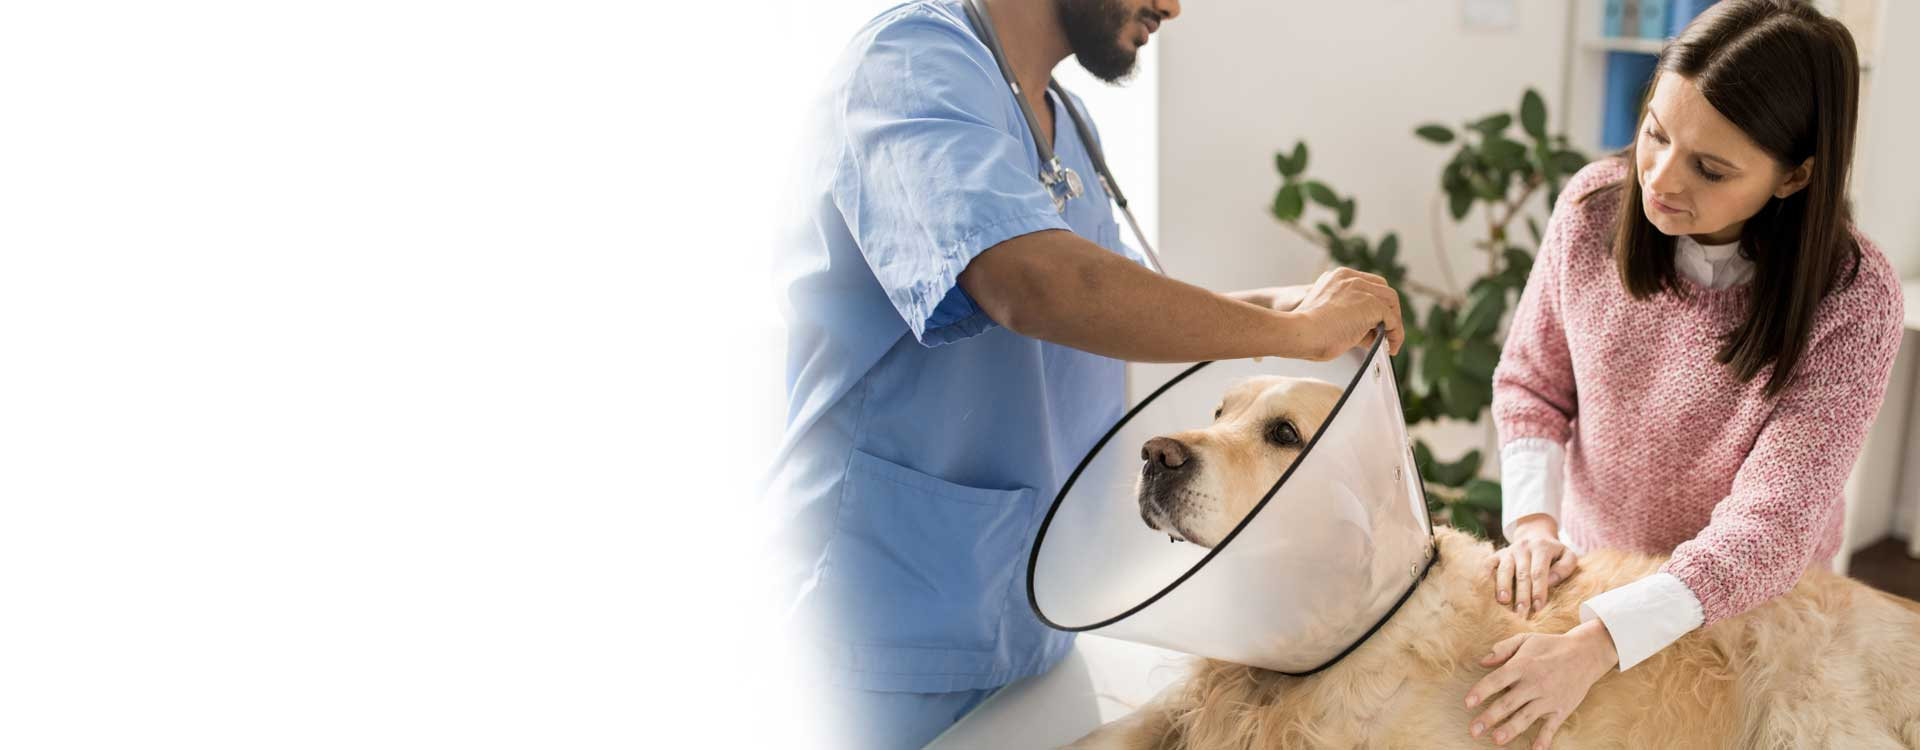 Hk veteriner Kliğini